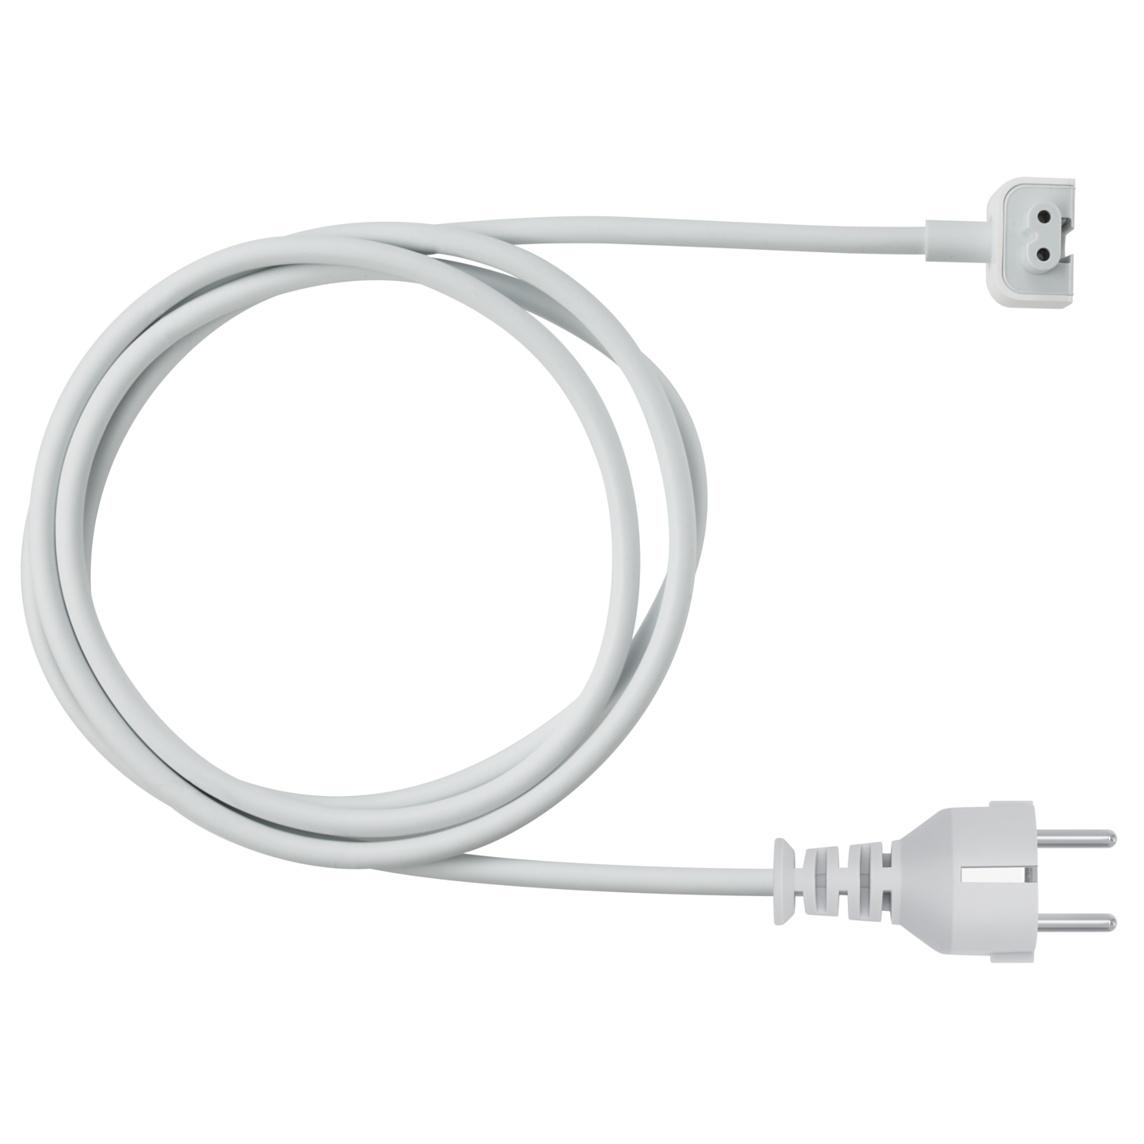 Без порта — работа не та: 14 полезных переходников для iPhone и MacBook - 17